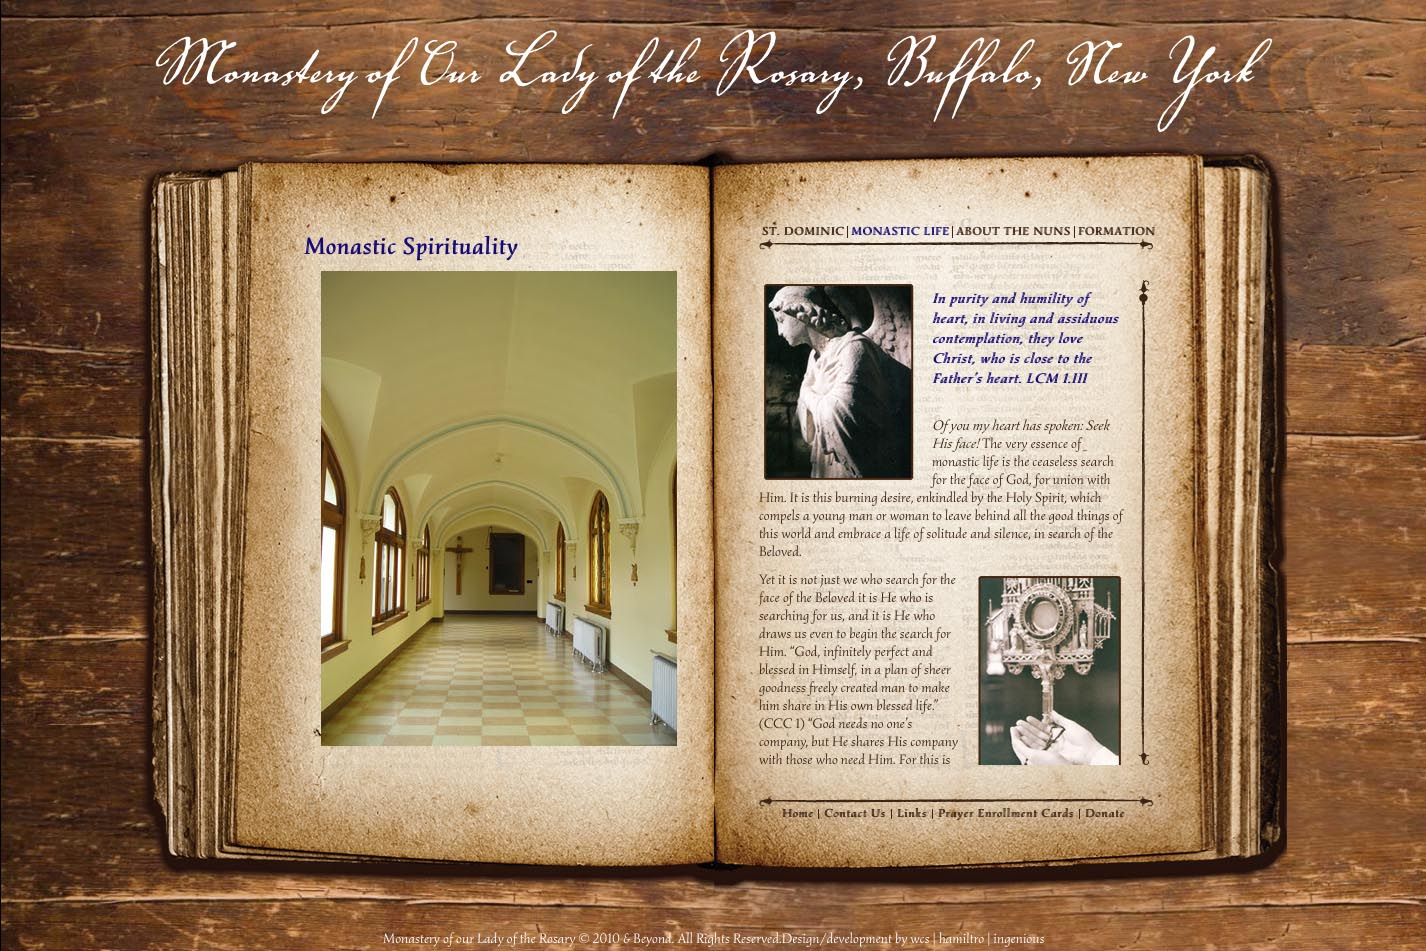 web design for a monastery - monastic spirituality page